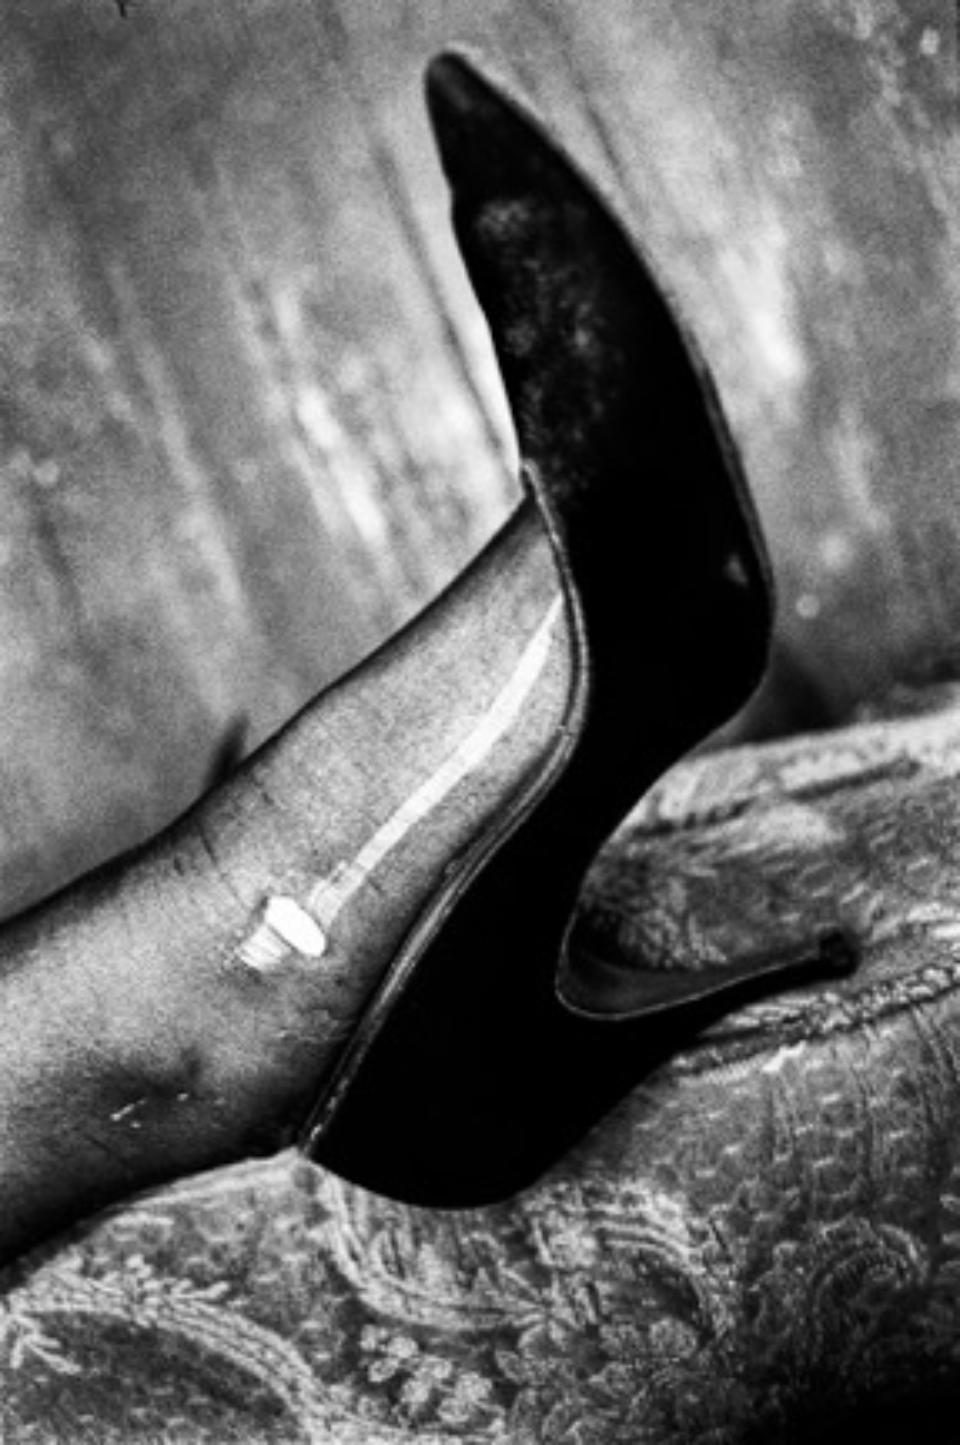 Ken Schles: Schuh, New York, 1984